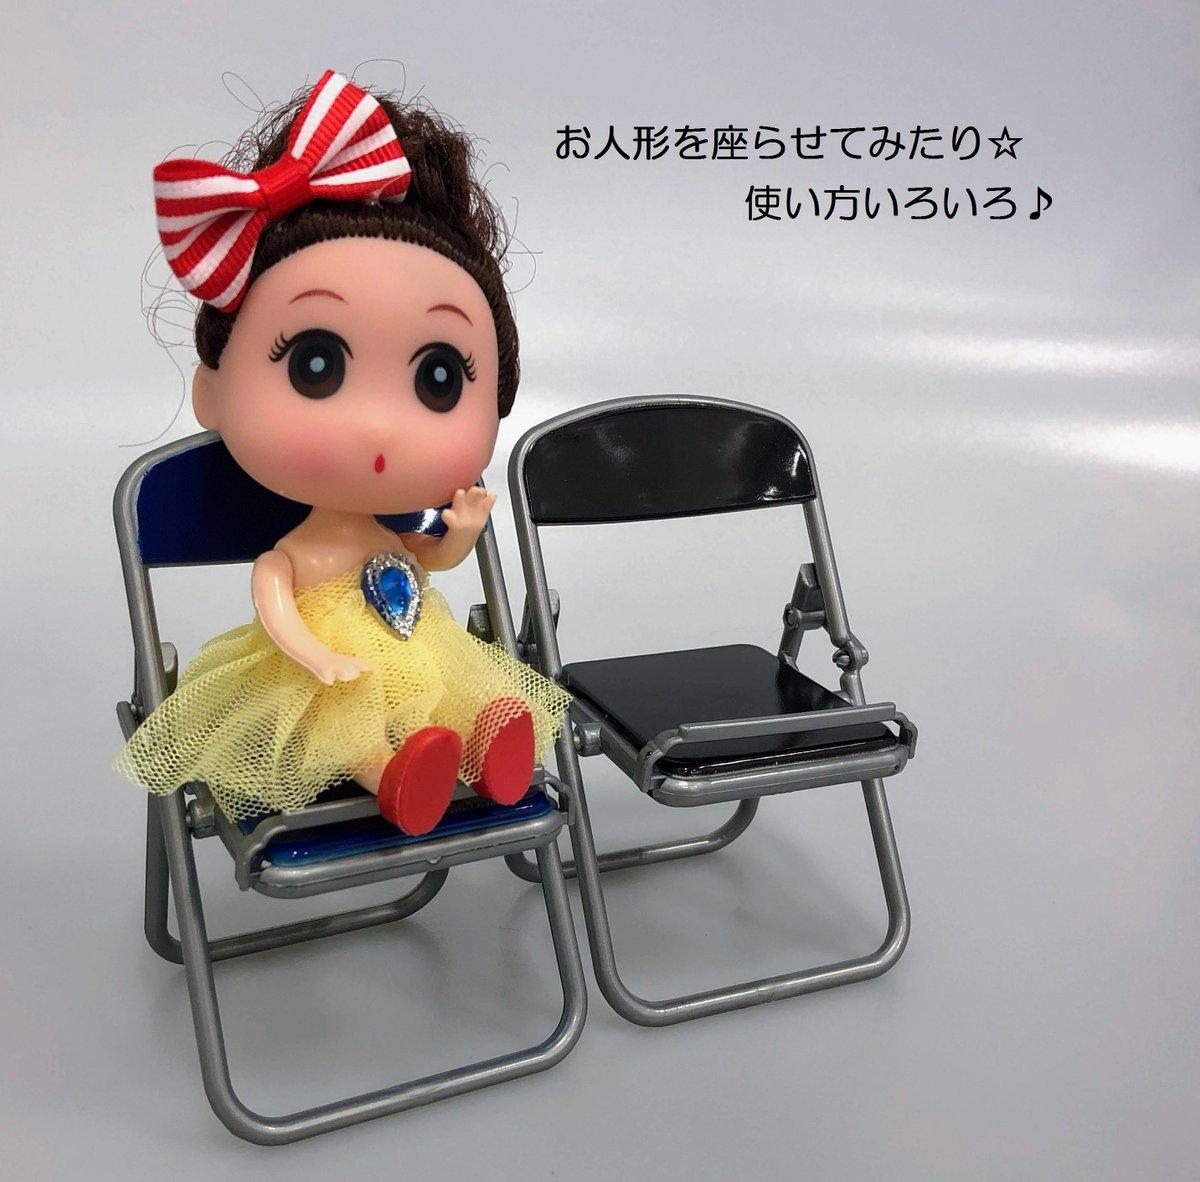 test ツイッターメディア - 本物のパイプ椅子みたいな #スマホスタンド ! #スマホ を置いて動画を楽しんだり、好きな #人形 や #ぬいぐるみ を置いて飾ってみたり… 使い方はいろいろ♪  #キャンドゥ #100均 #ミニチュア #リアル https://t.co/SNsU9oRHCT